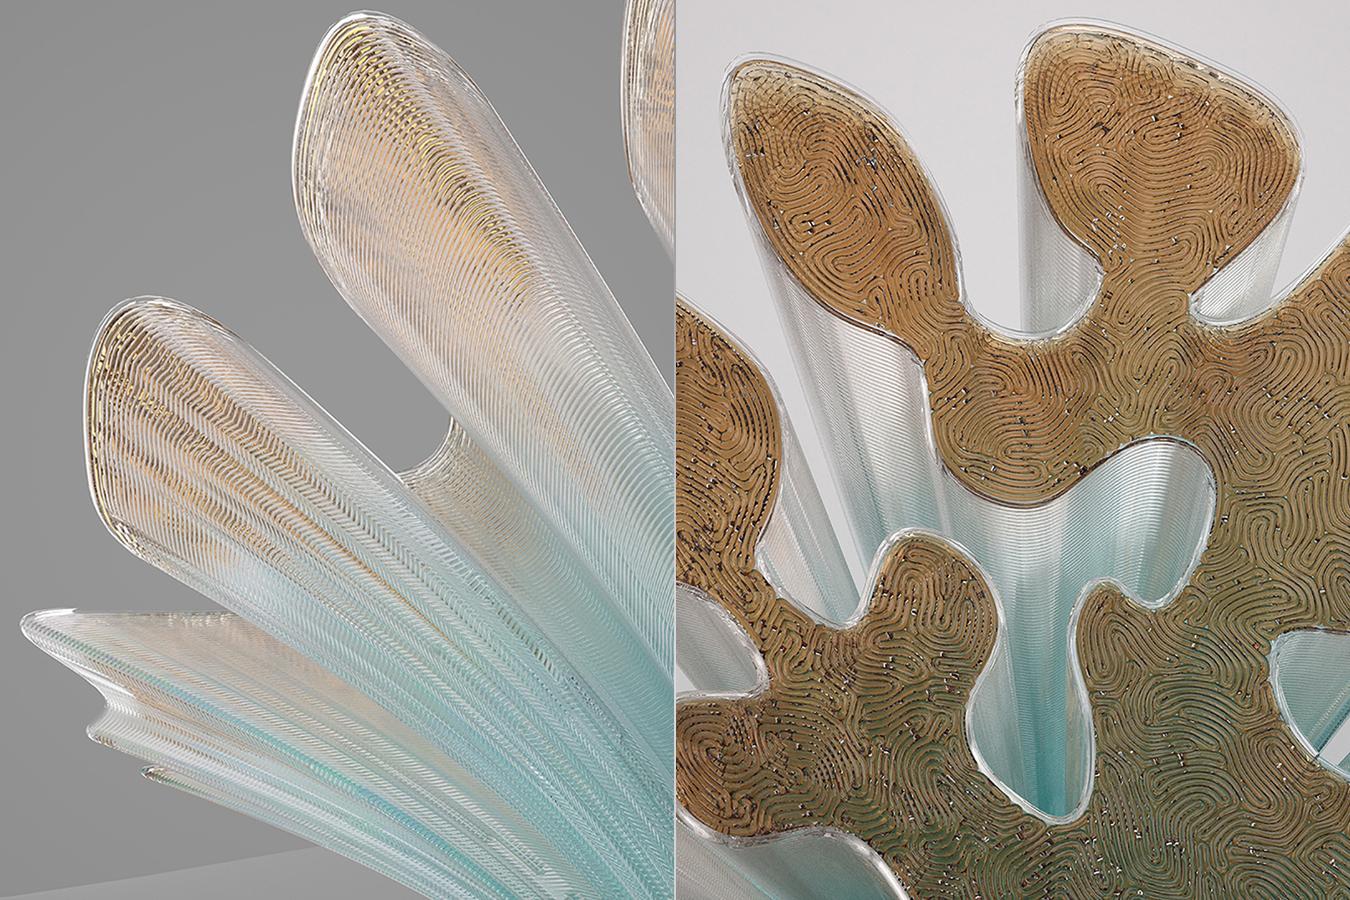 Detalles de las delicadas formas de la silla Rise, de Zaha Hadid.